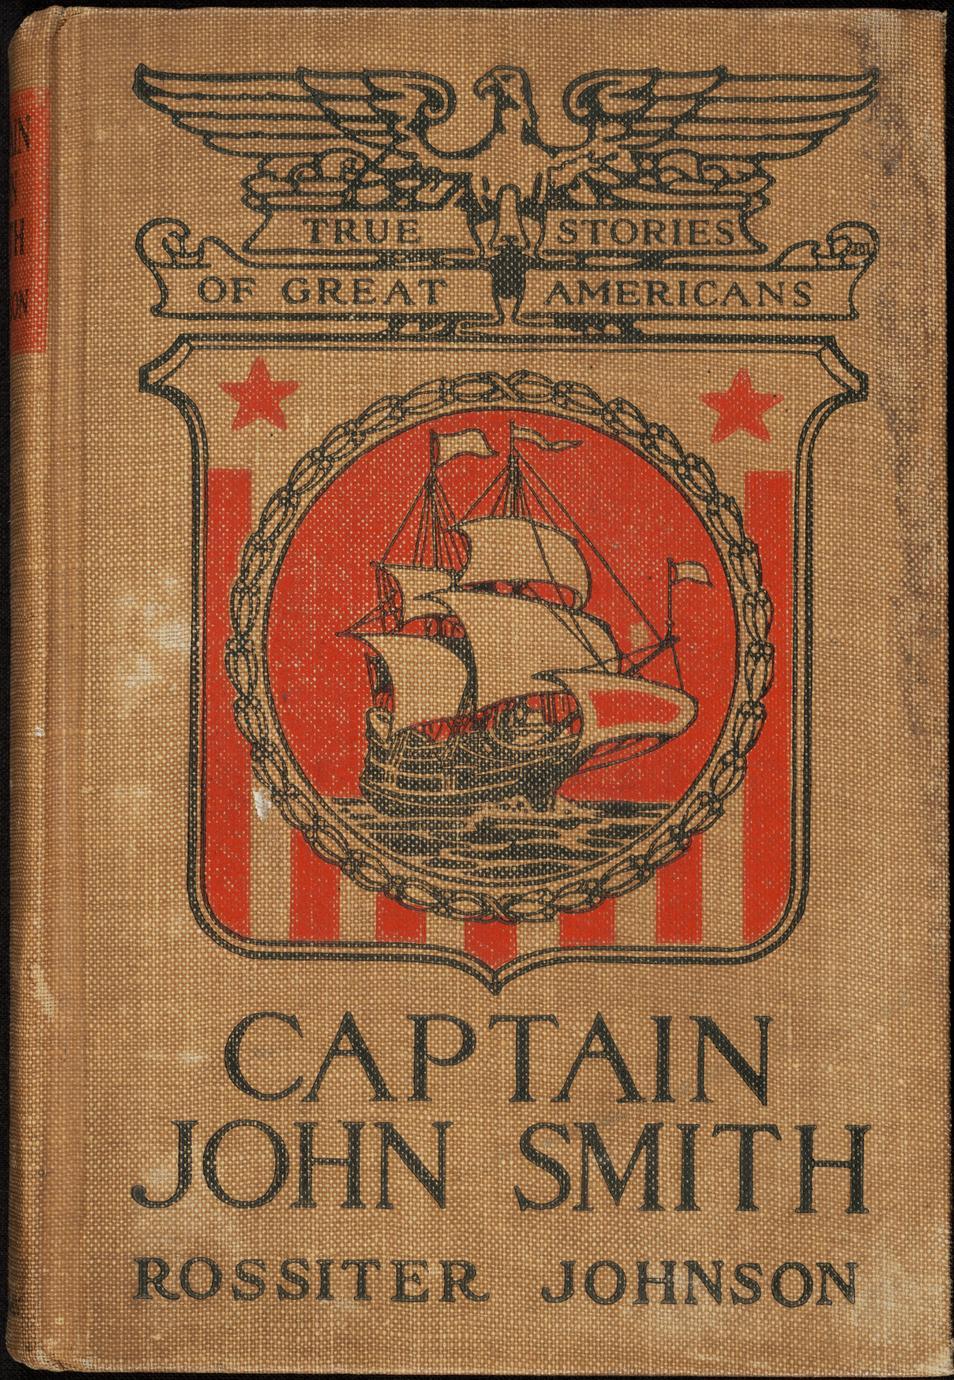 Captain John Smith (1579-1631) (1 of 2)